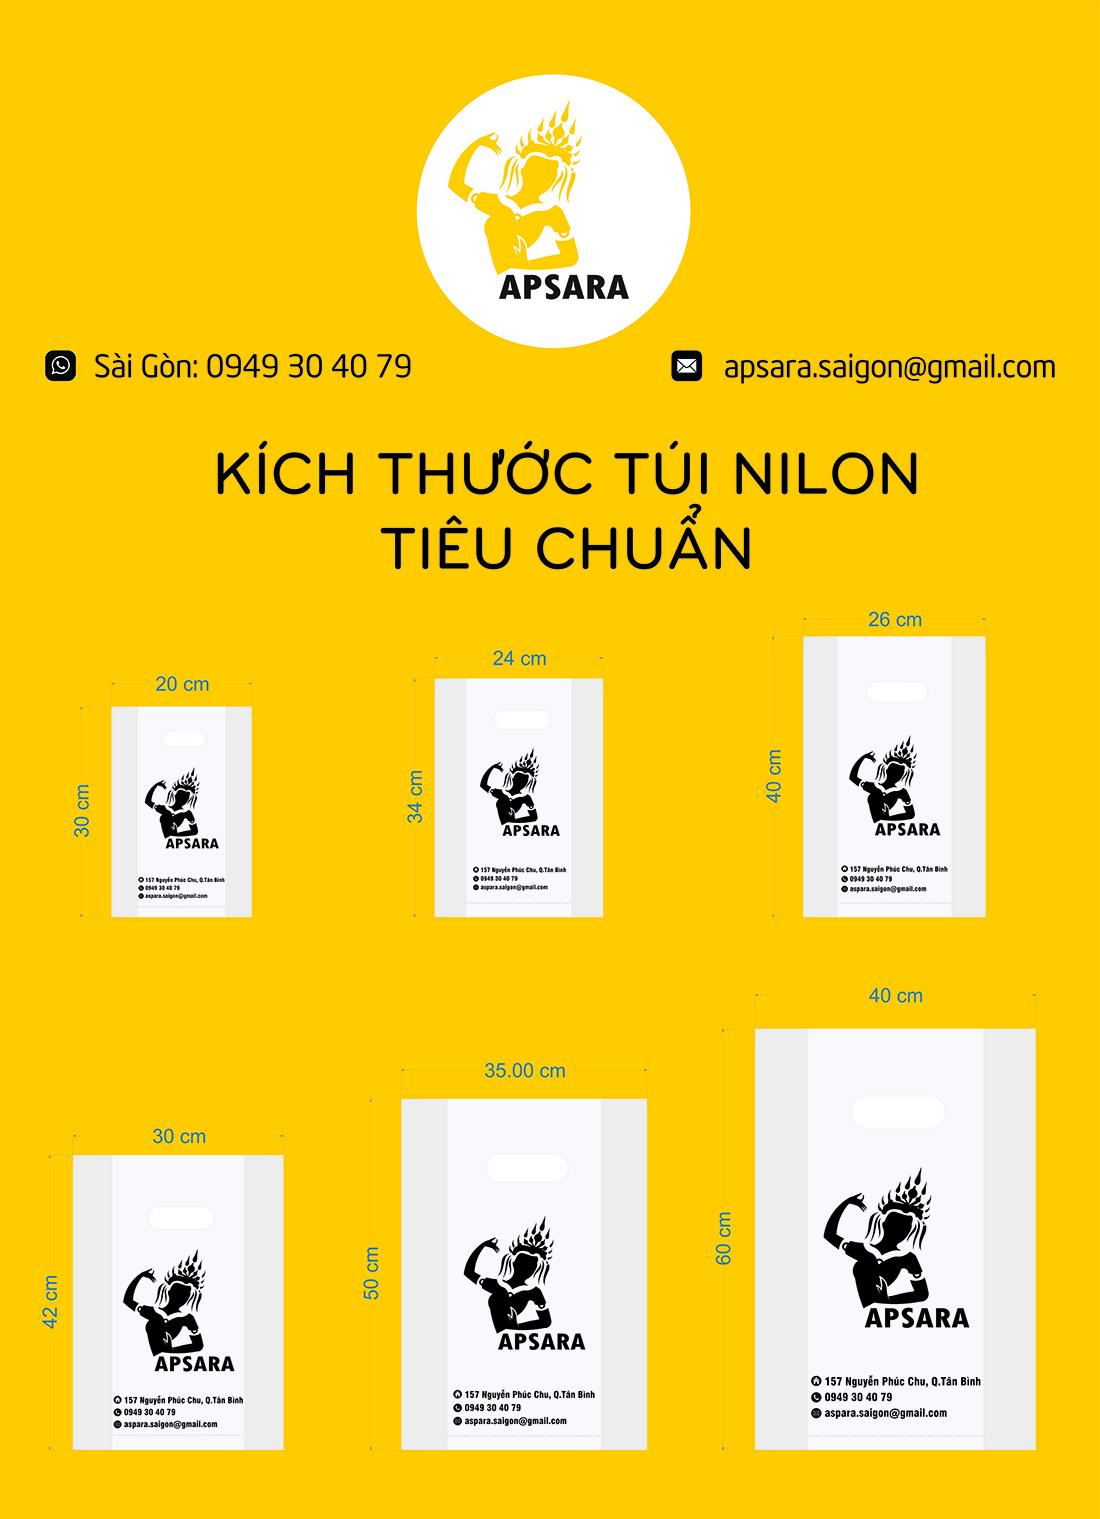 Kich thuoc tui nilon cho shop thoi trang, my pham, phu kien 2019